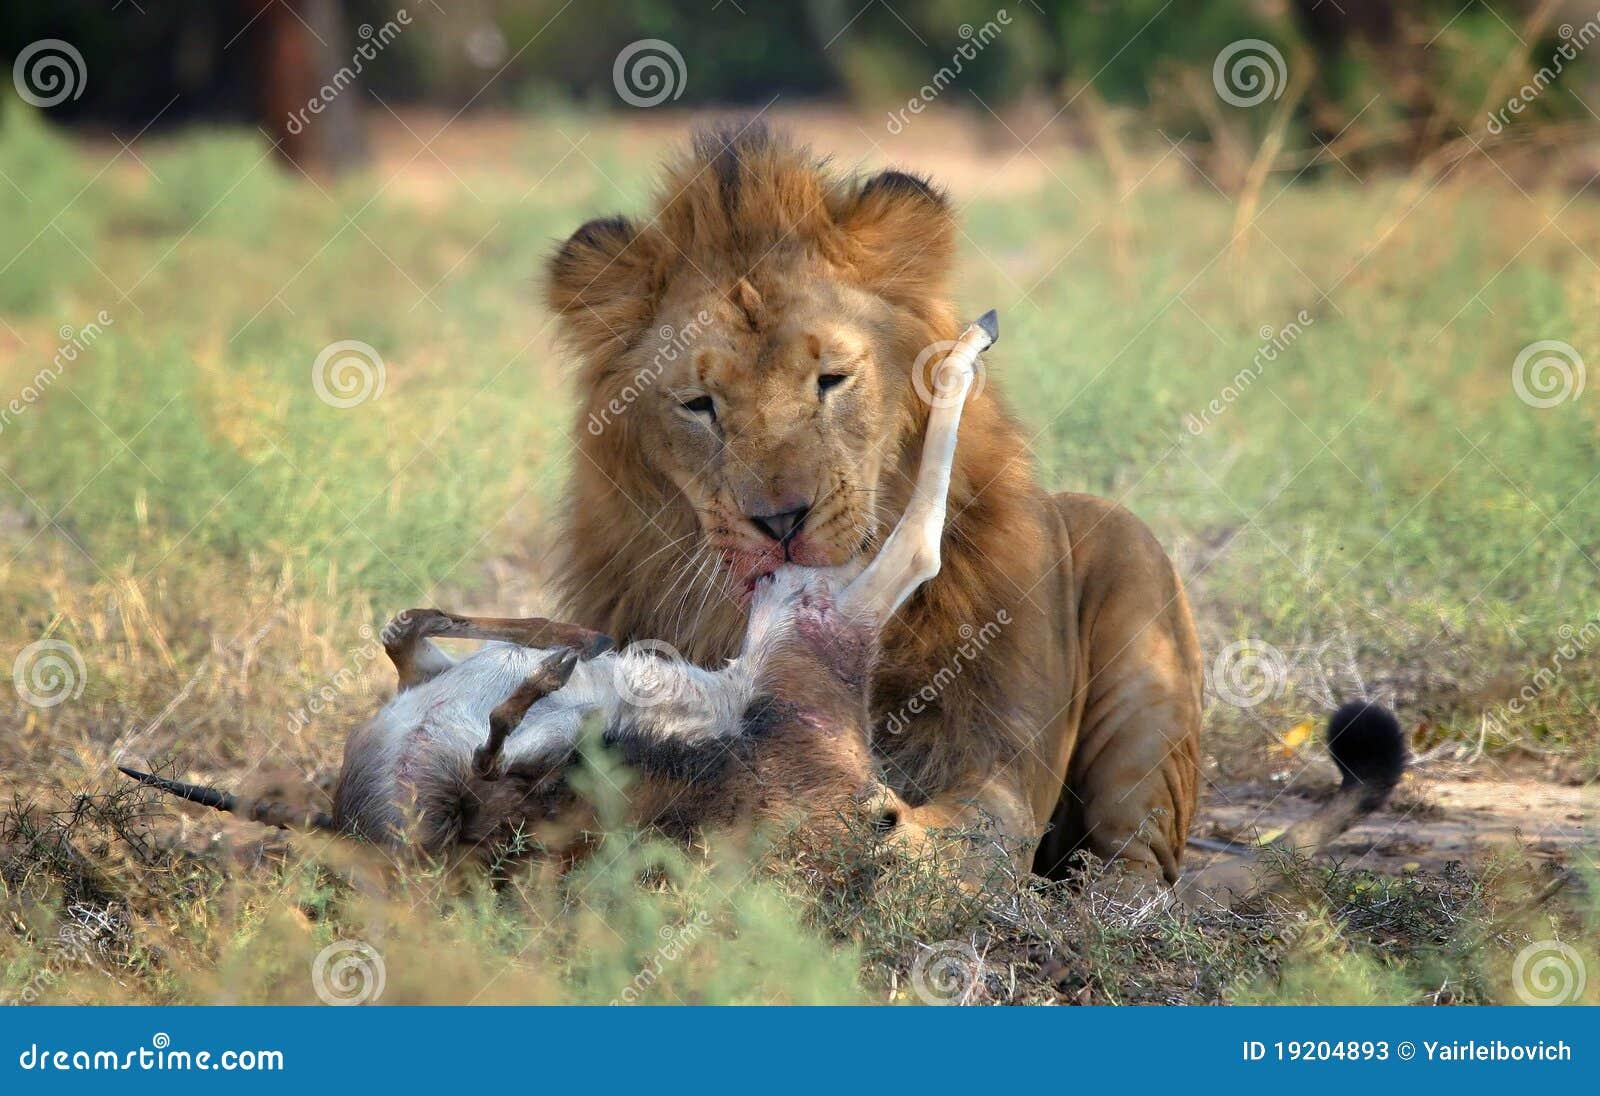 lion feeding stock image image of nature lion gazelle